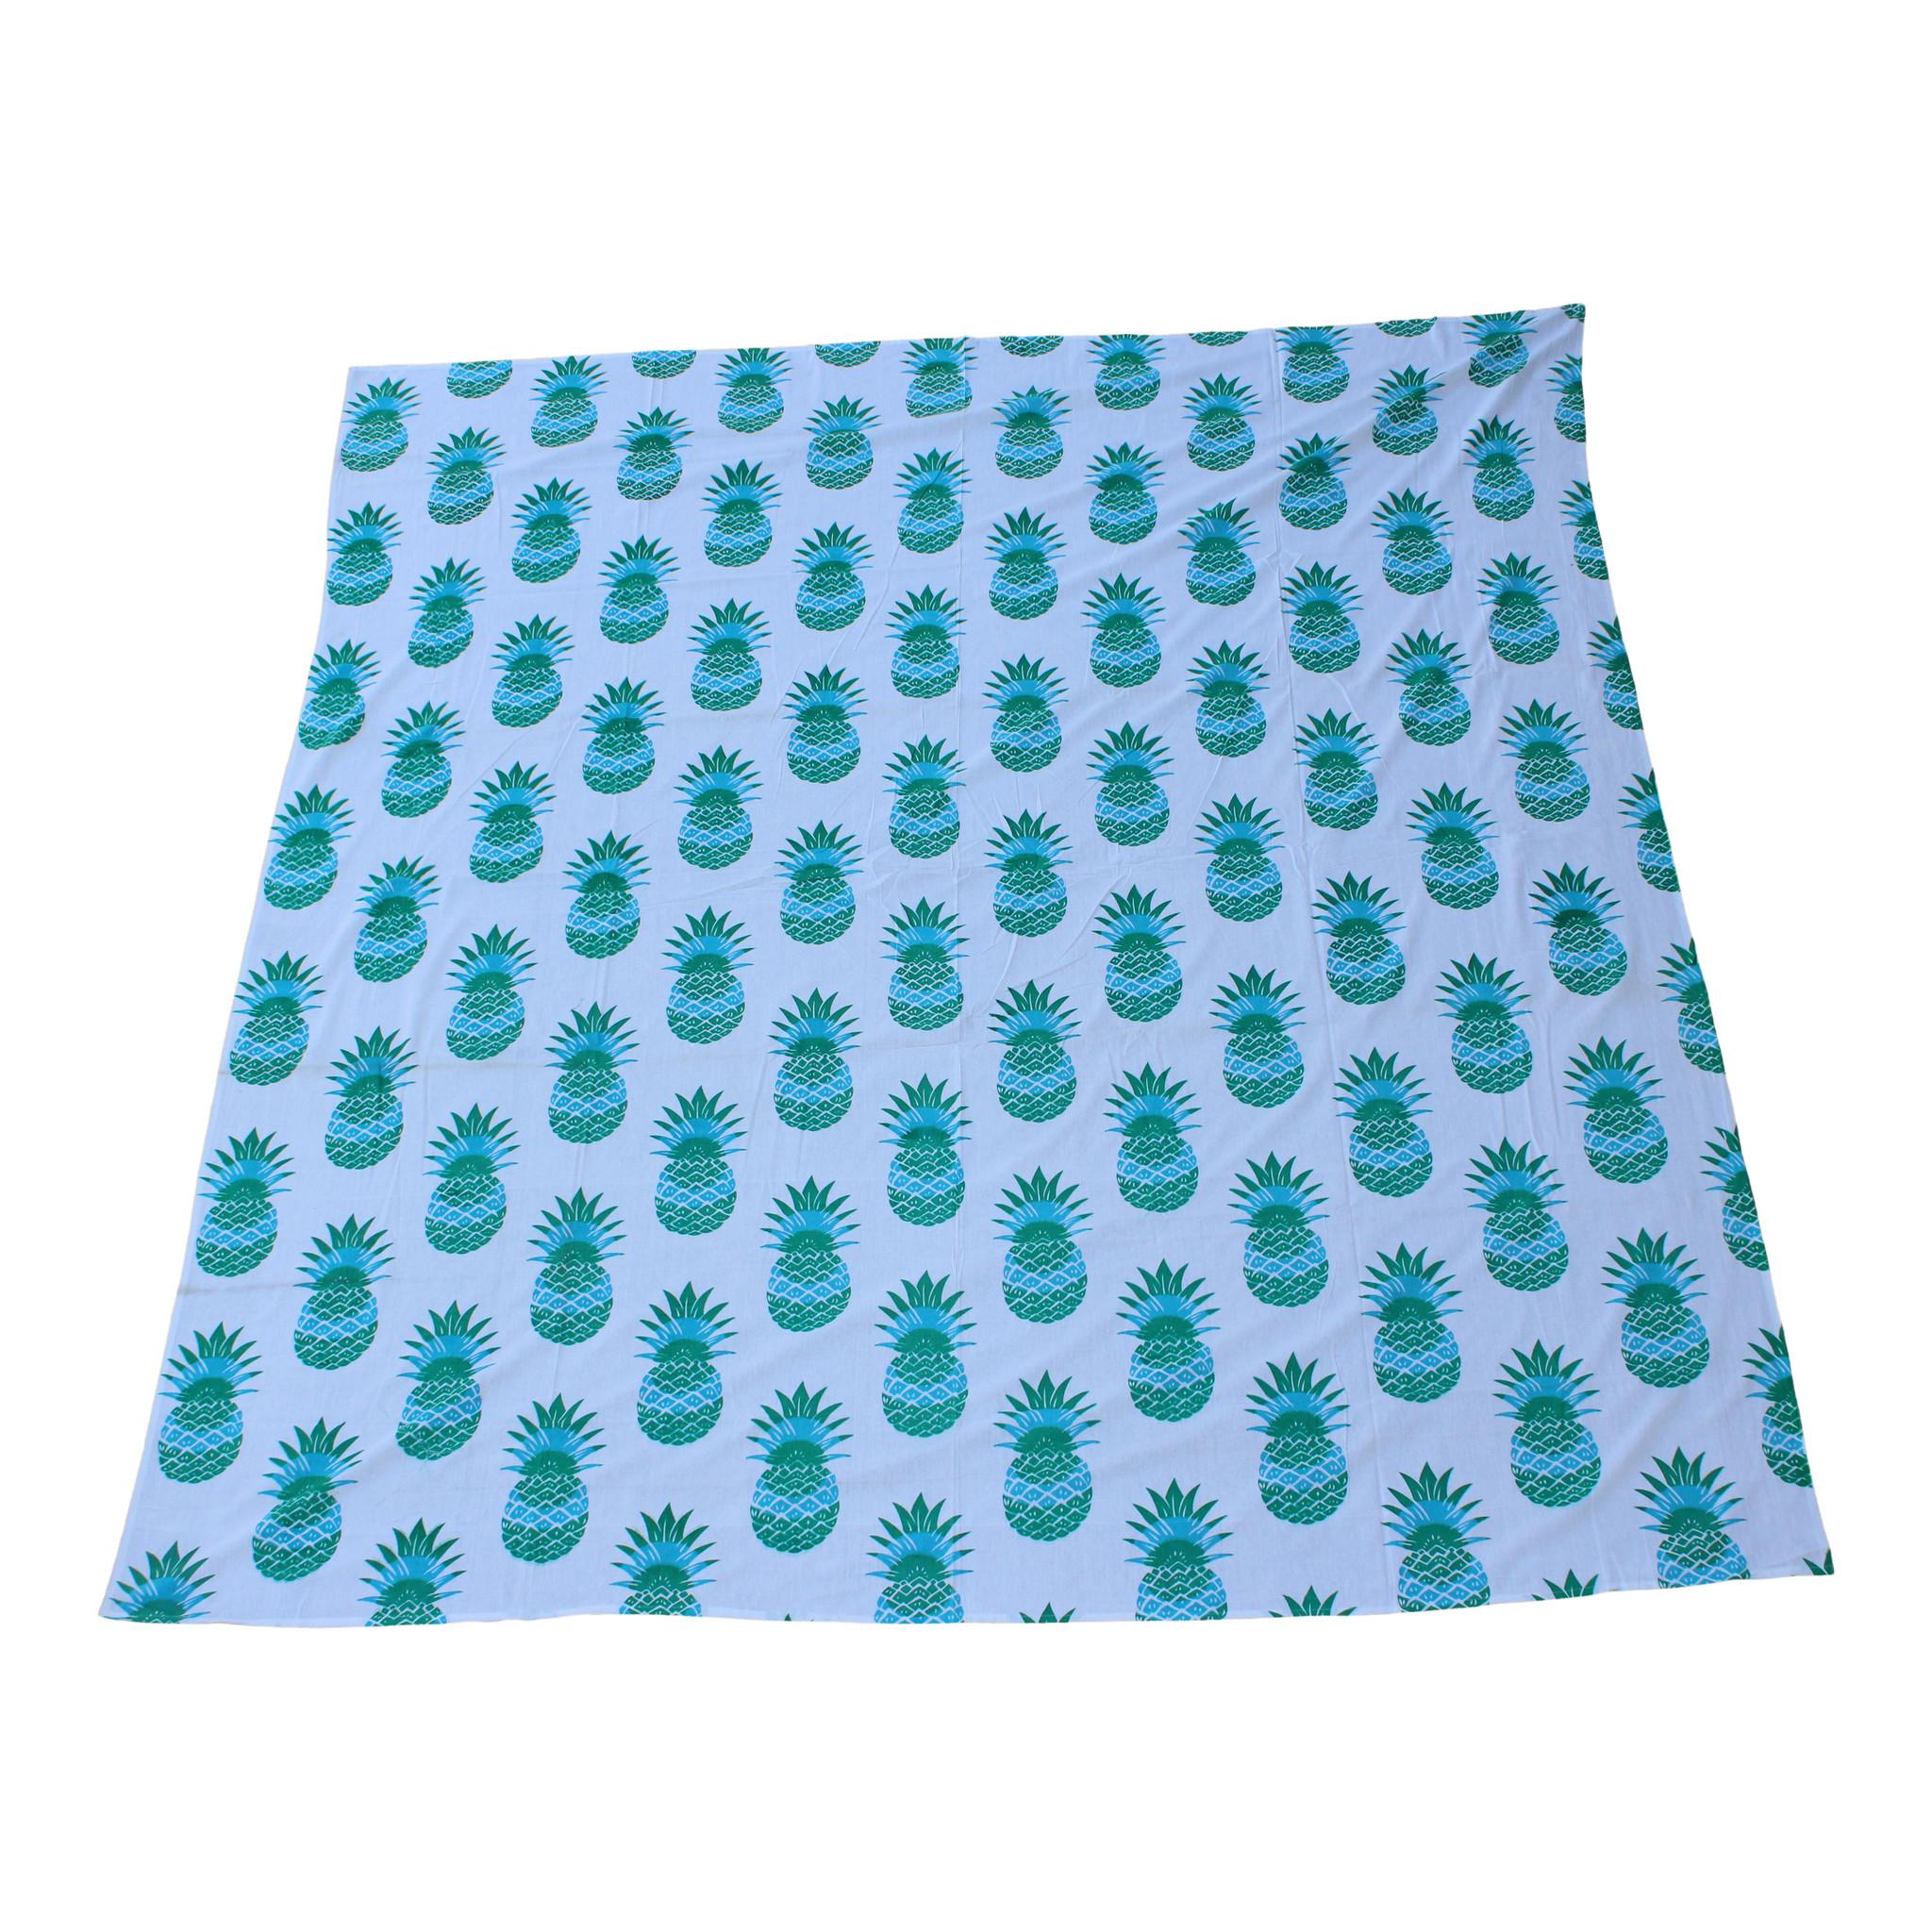 Myroundie Myroundie - roundie - vierkant strandlaken XL – yoga kleed- speelkleed - picknickkleed -100% katoen – Q32